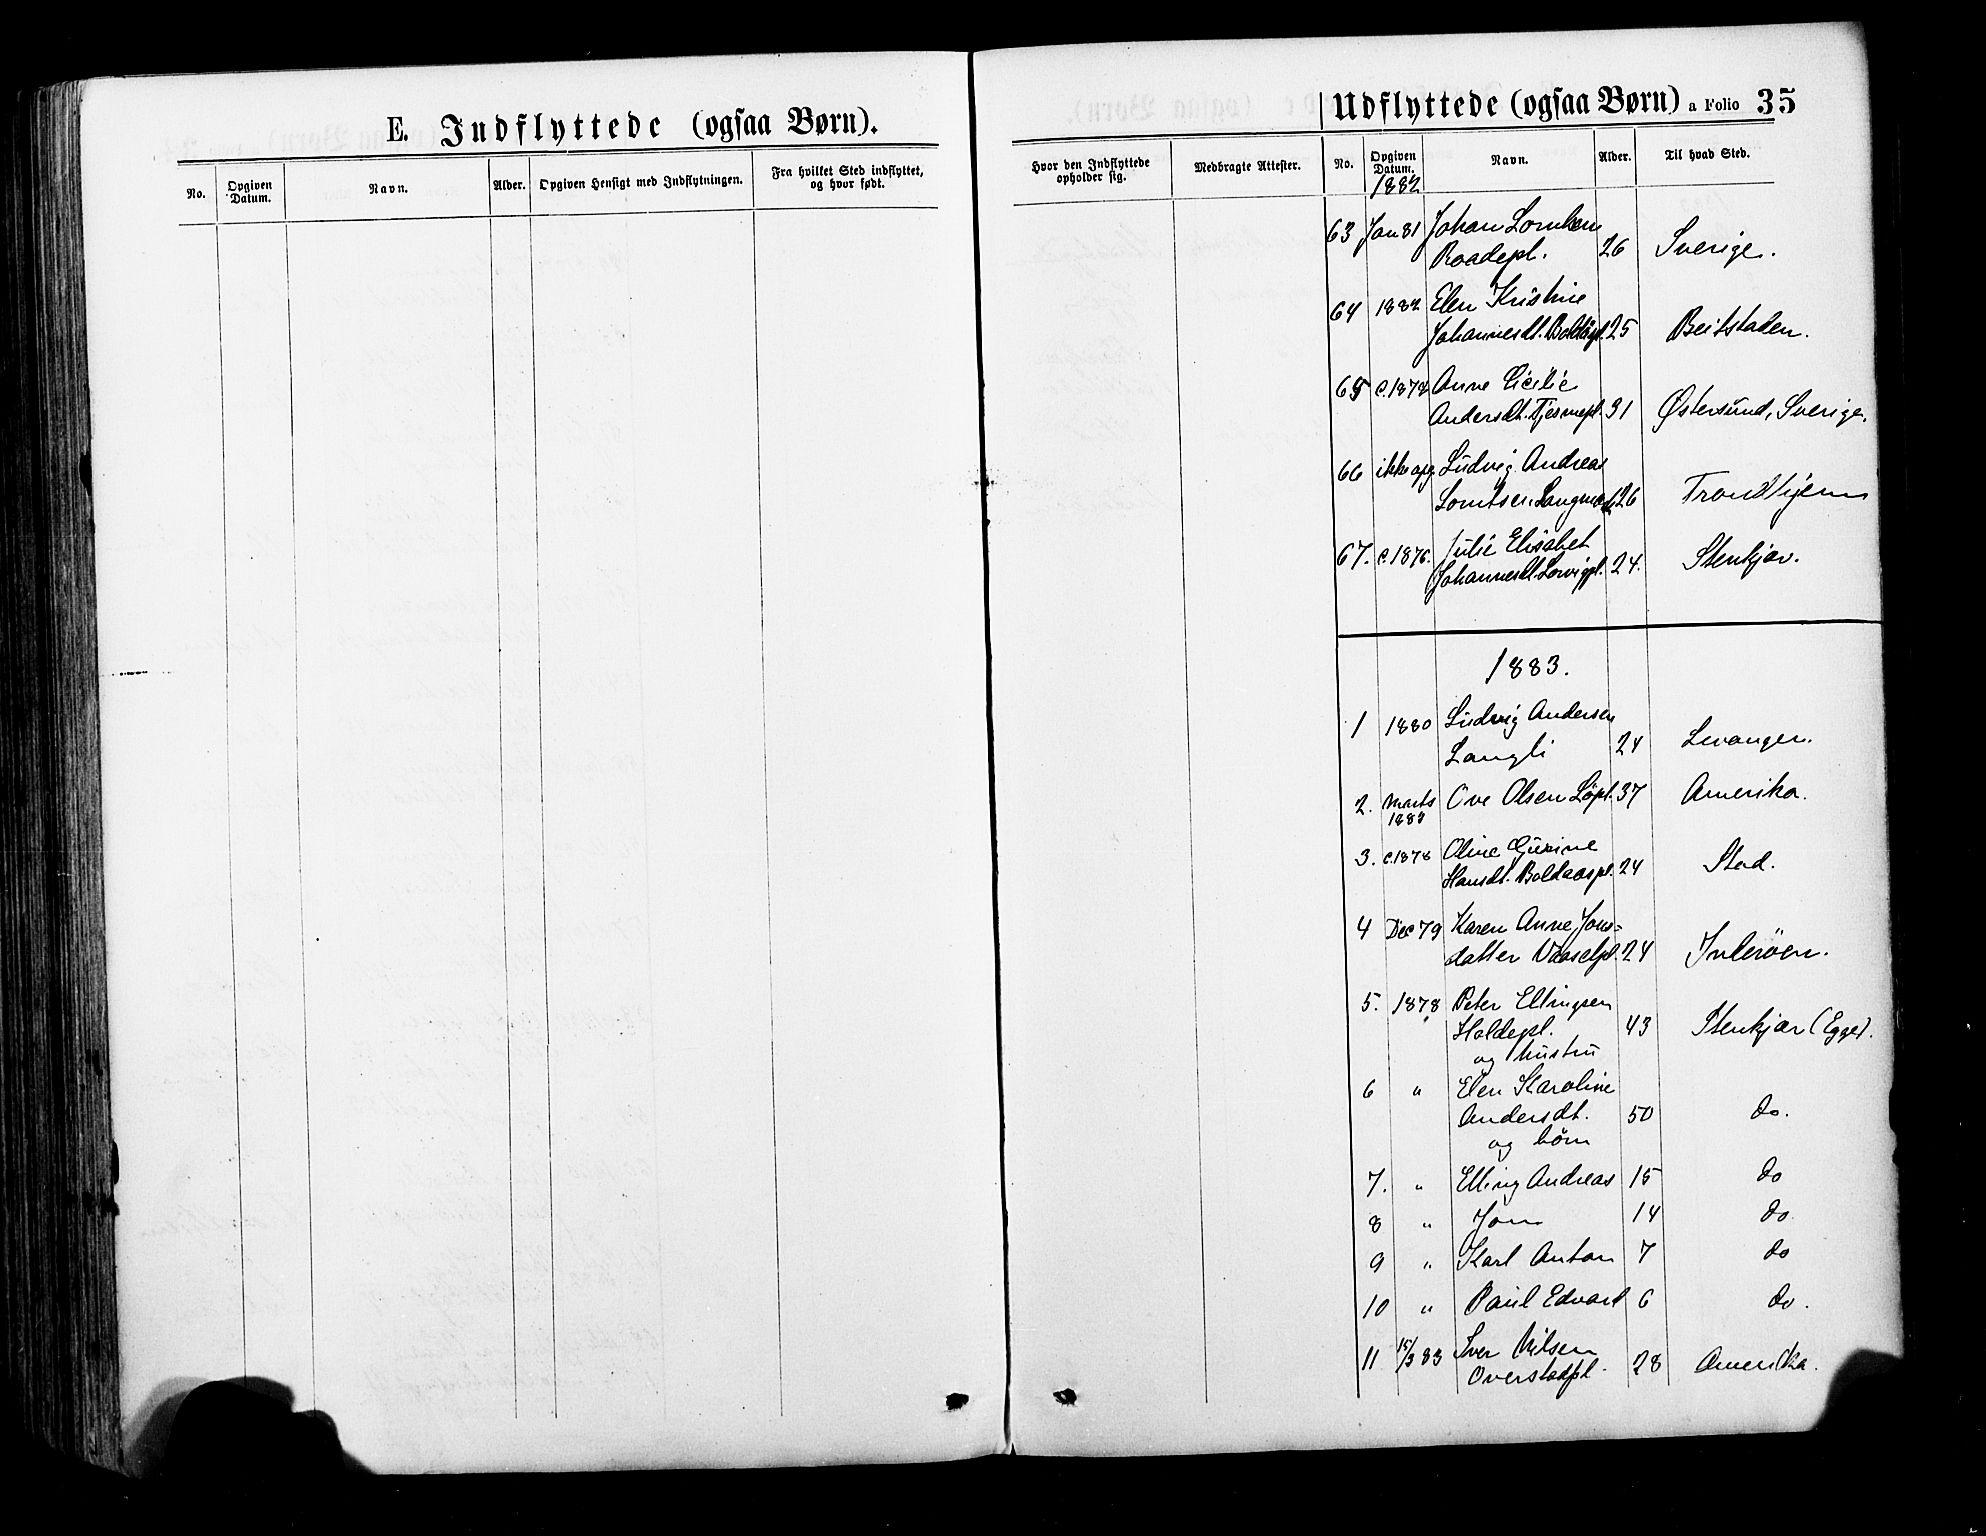 SAT, Ministerialprotokoller, klokkerbøker og fødselsregistre - Nord-Trøndelag, 735/L0348: Ministerialbok nr. 735A09 /1, 1873-1883, s. 35